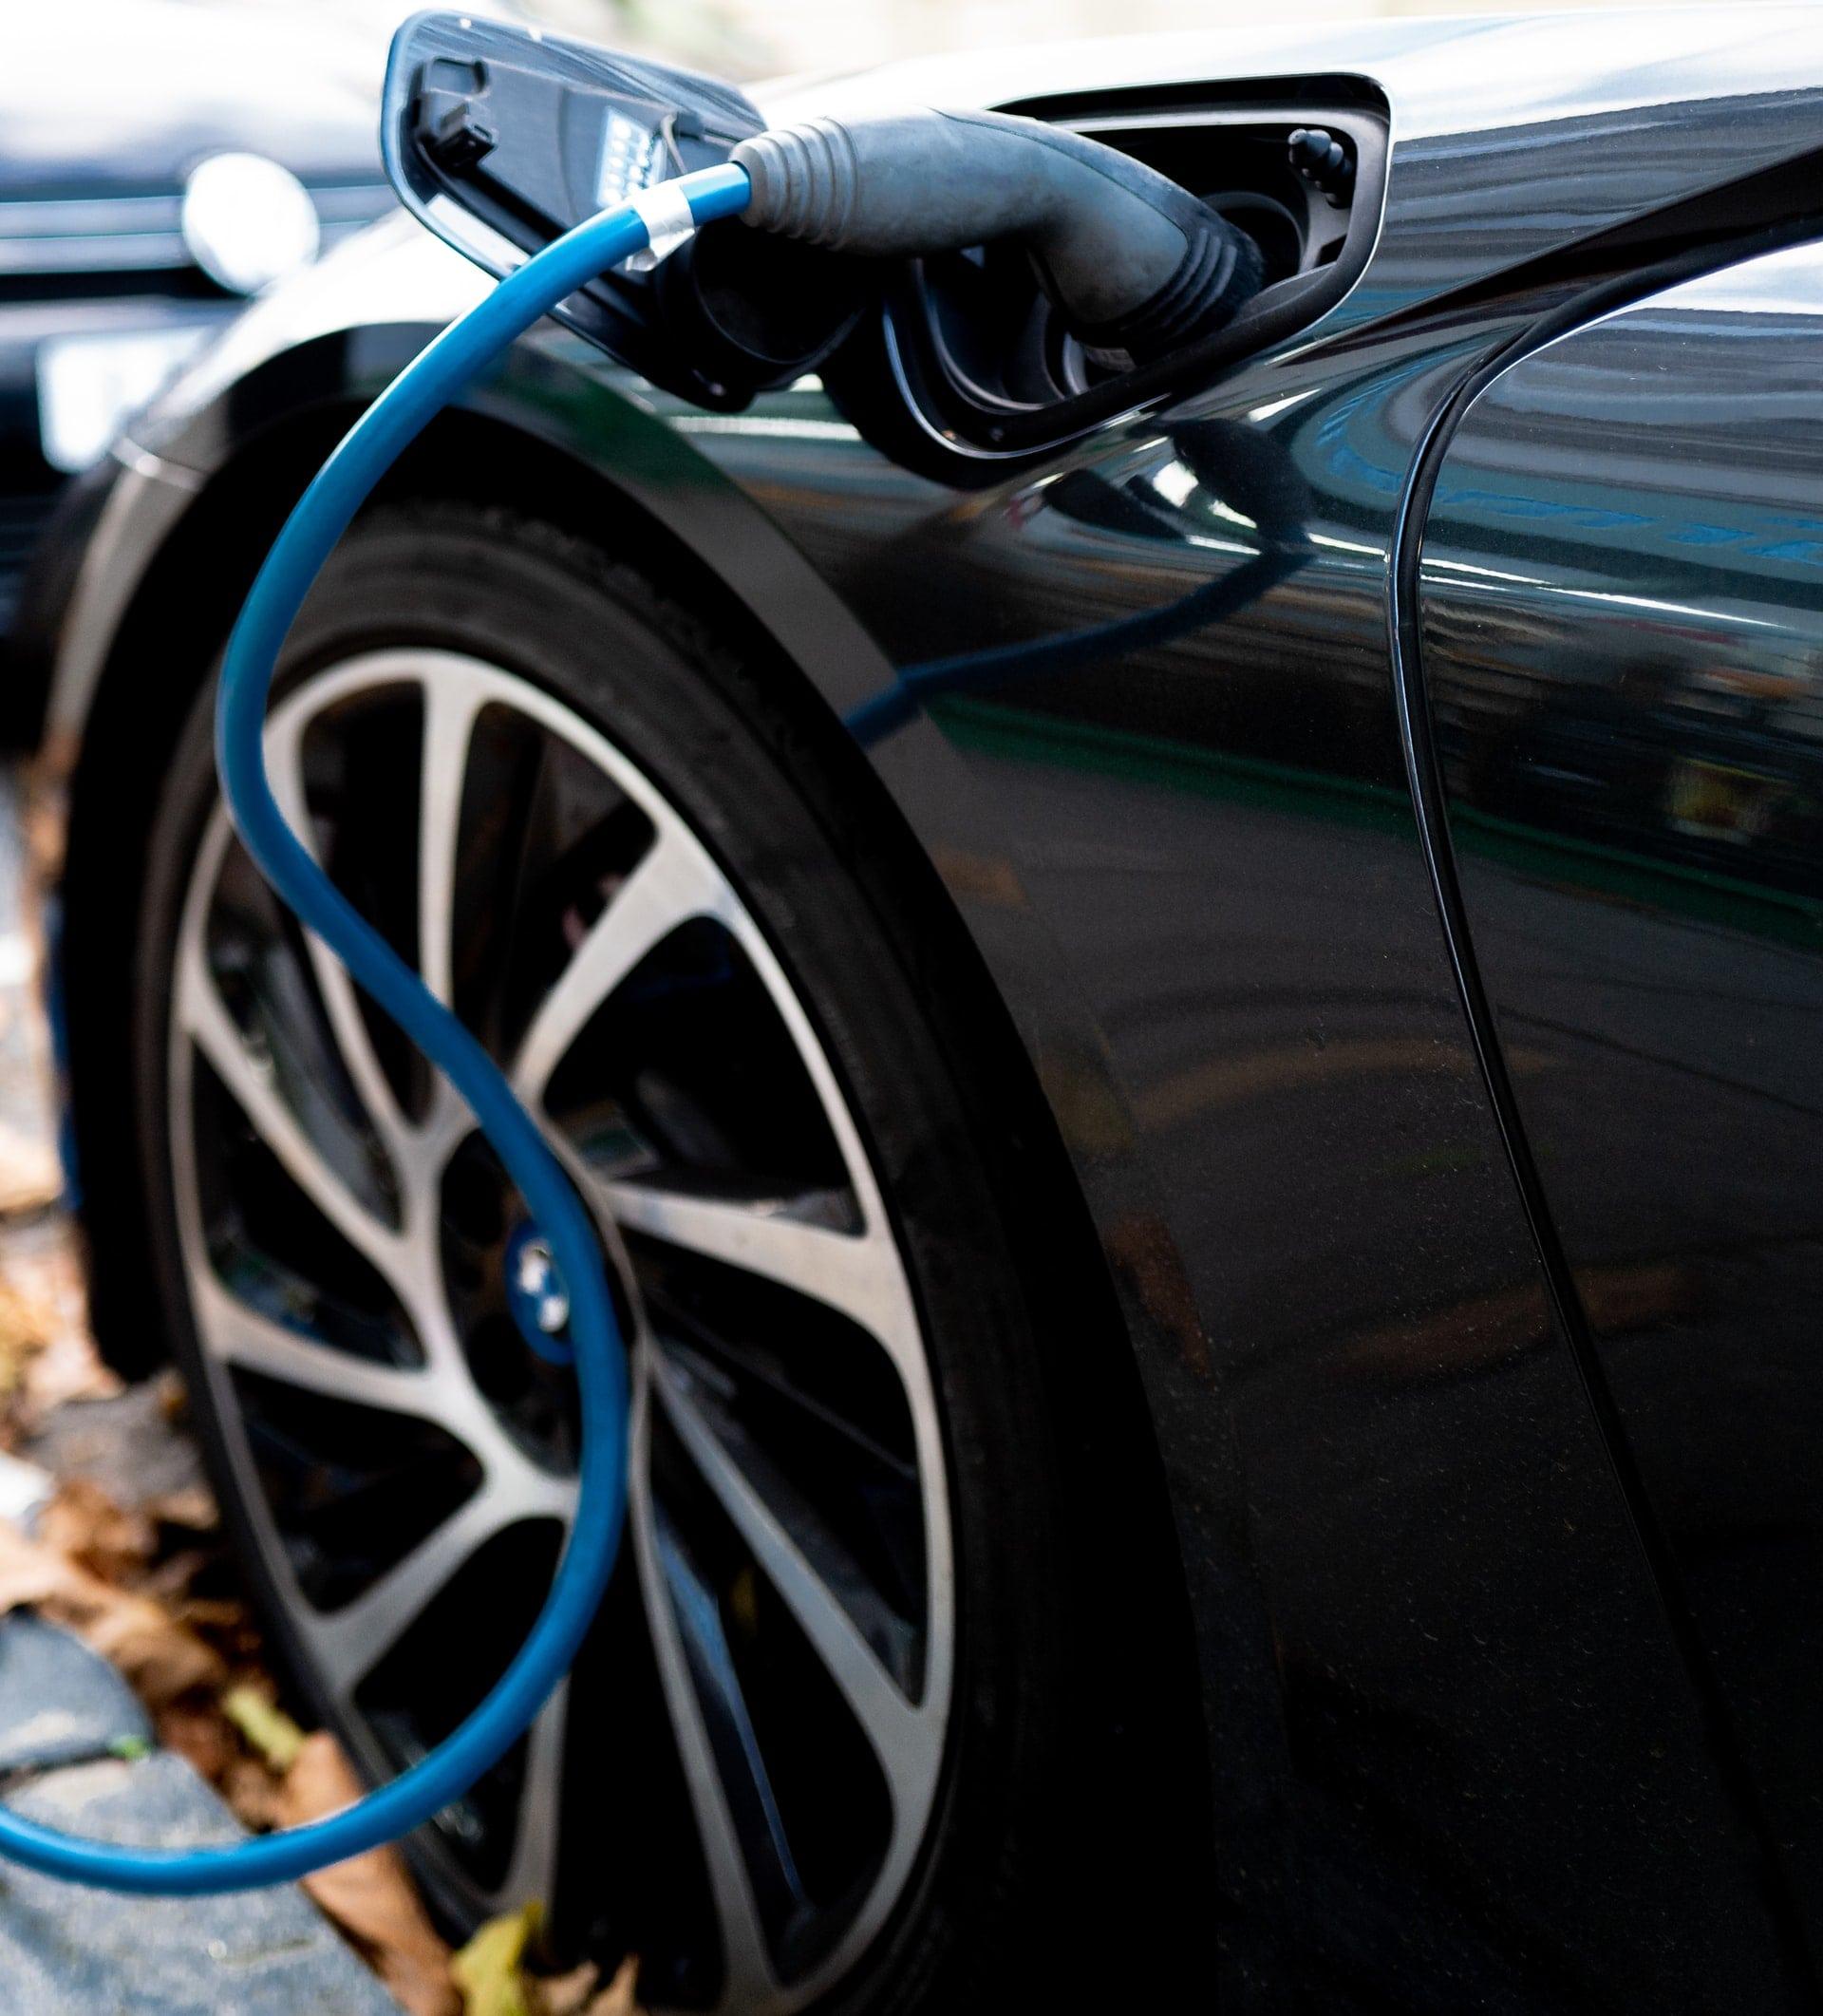 coraz więcej stacji ładowania samochodów elektrycznych